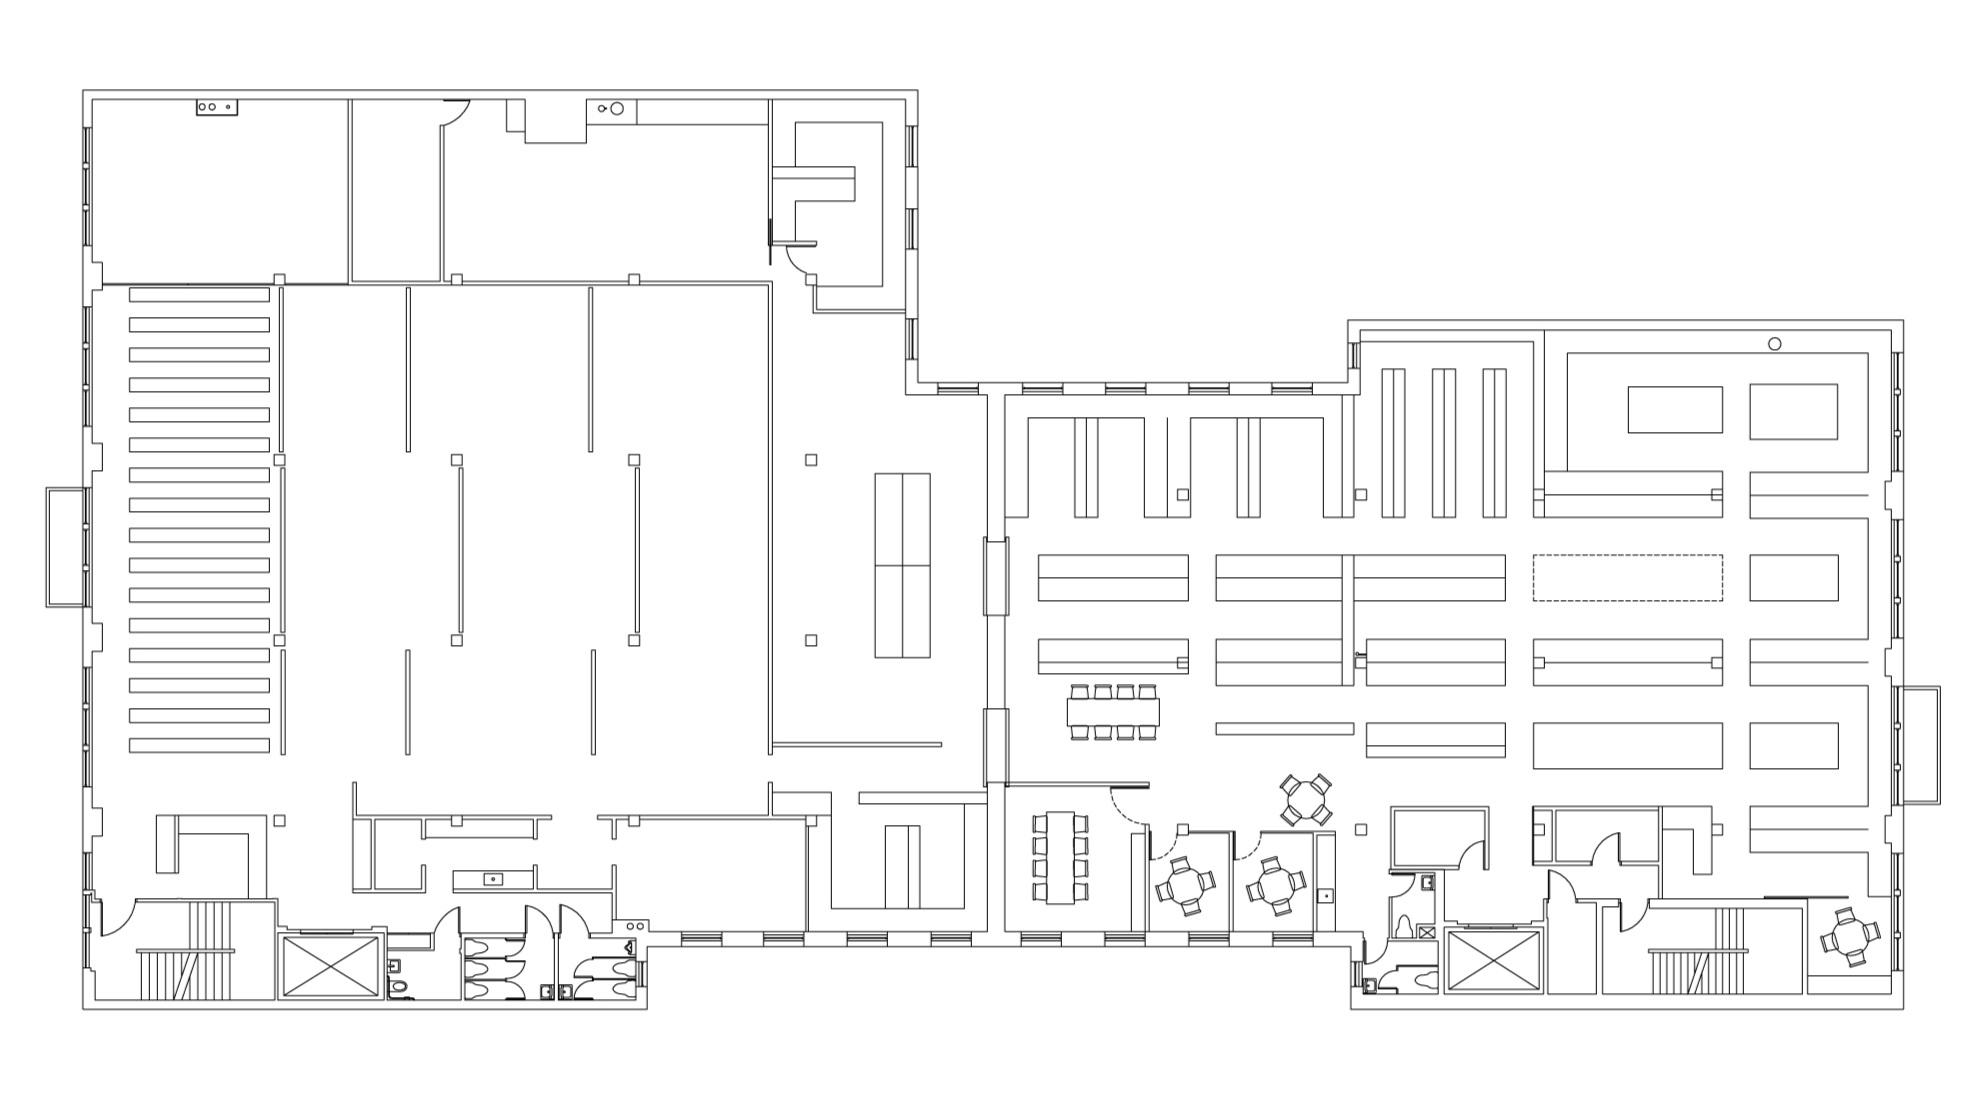 Schematic_plan--%5BConverted%5D.jpg